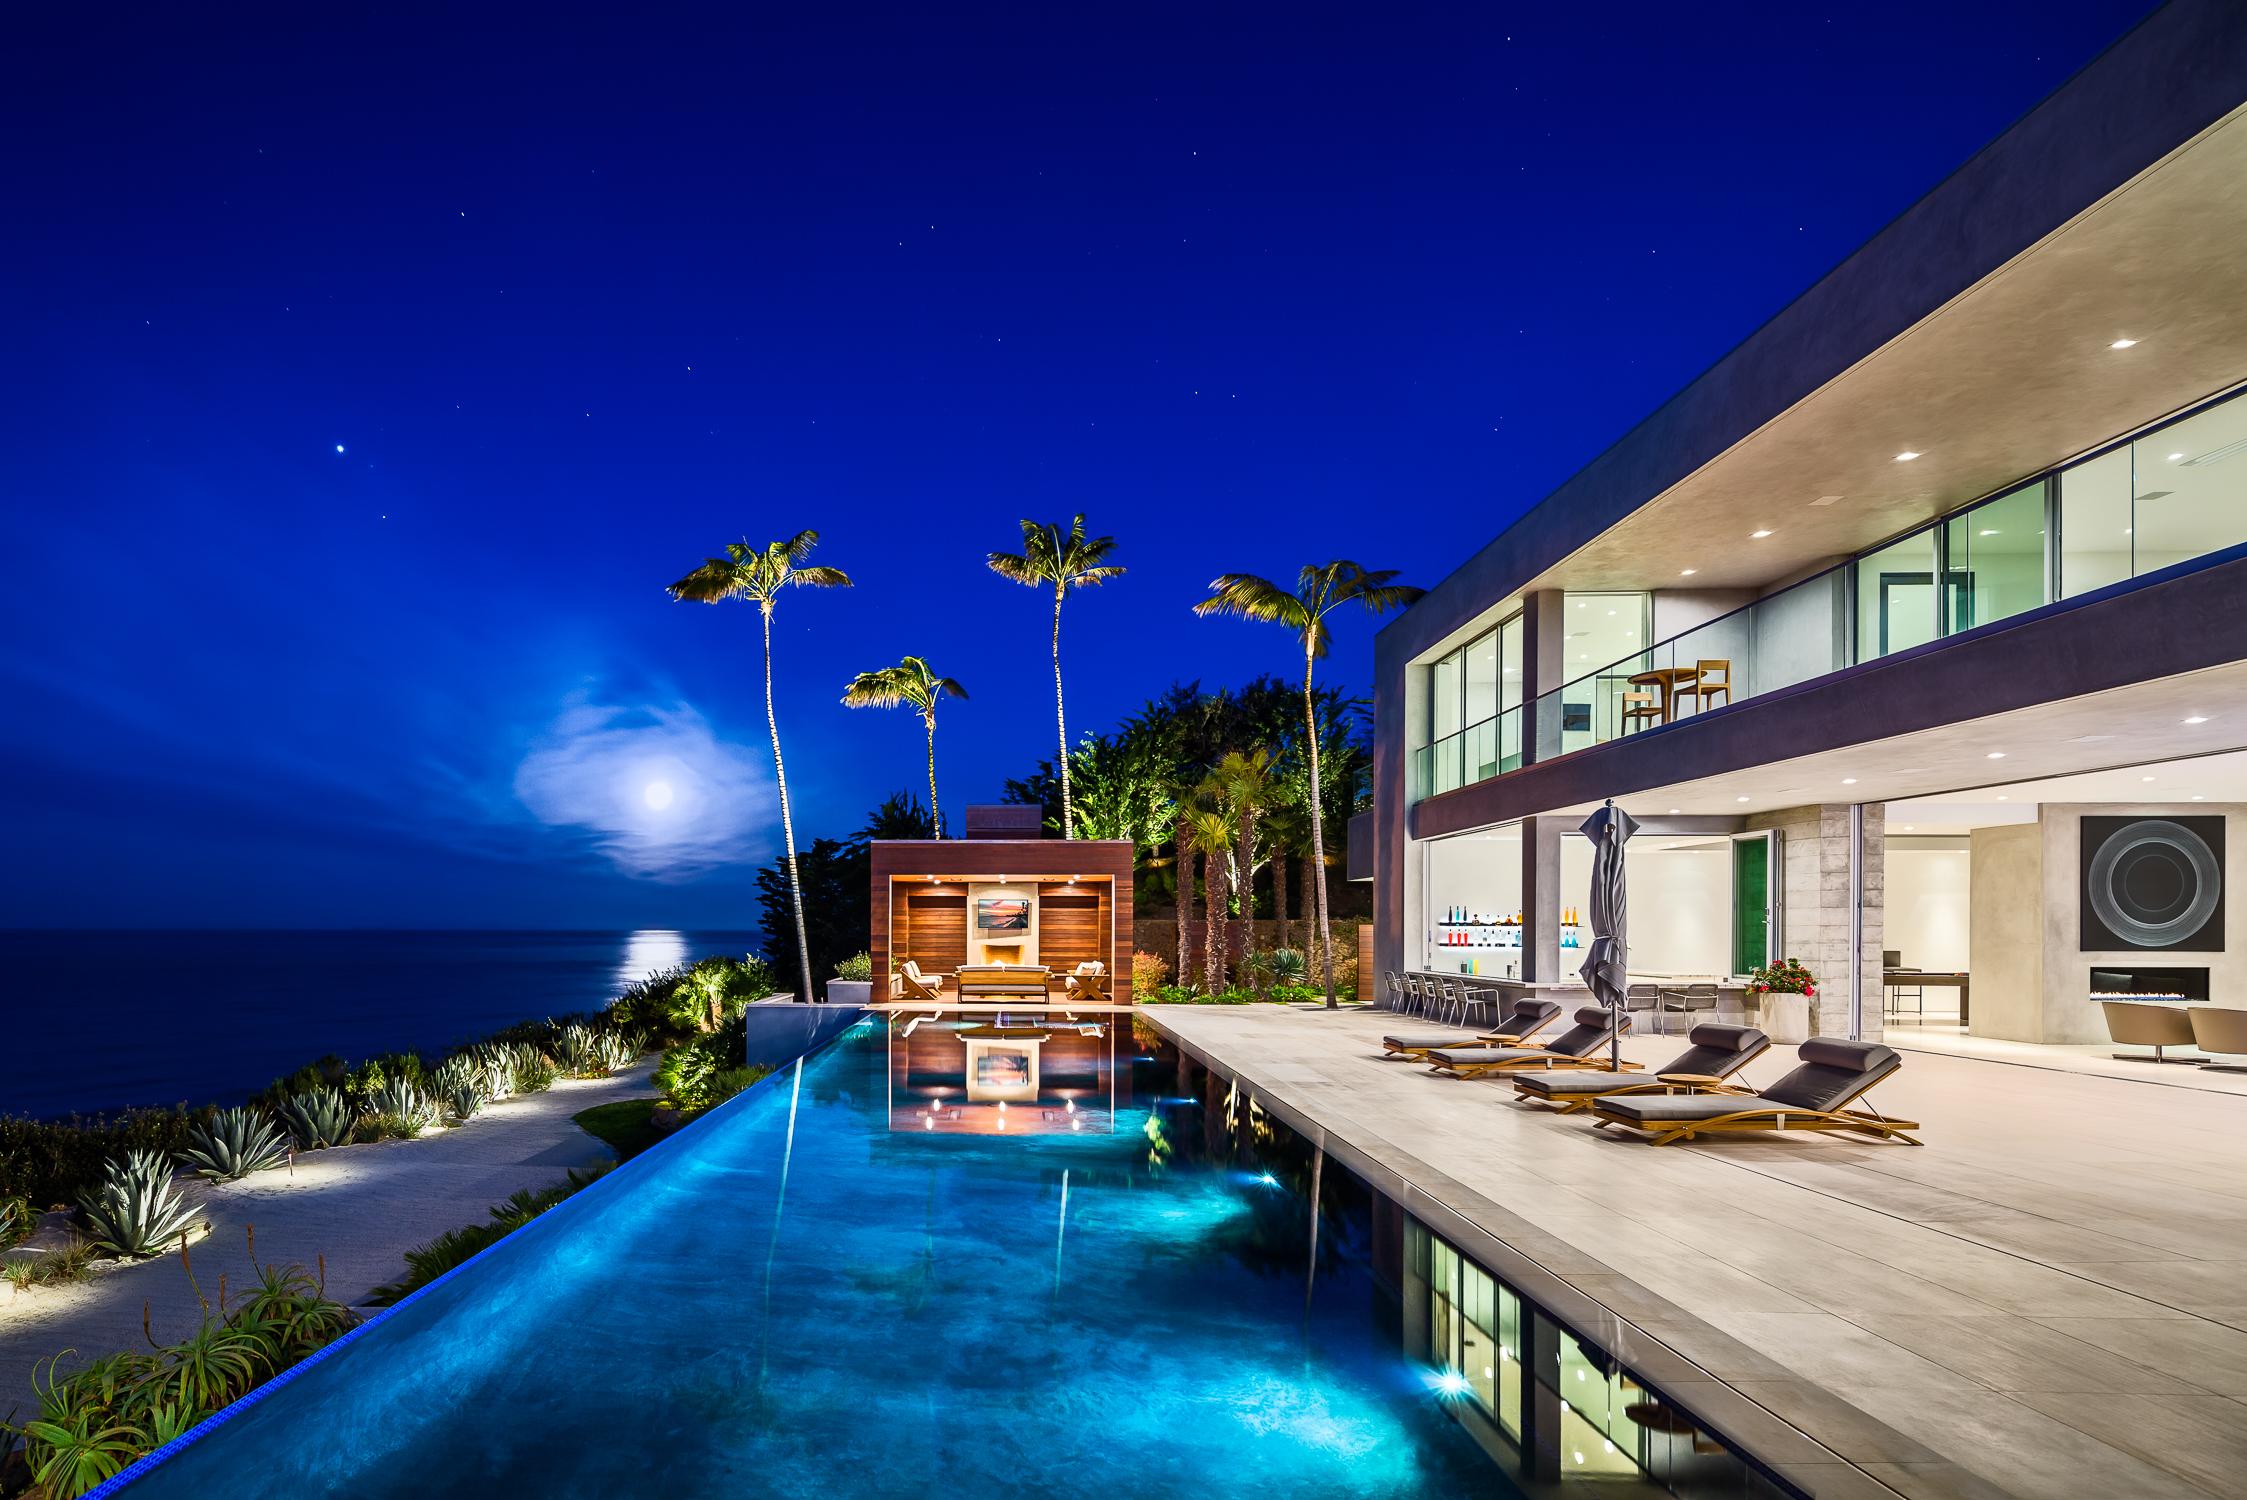 Marisol Modern Malibu Beach House Marisol Malibu